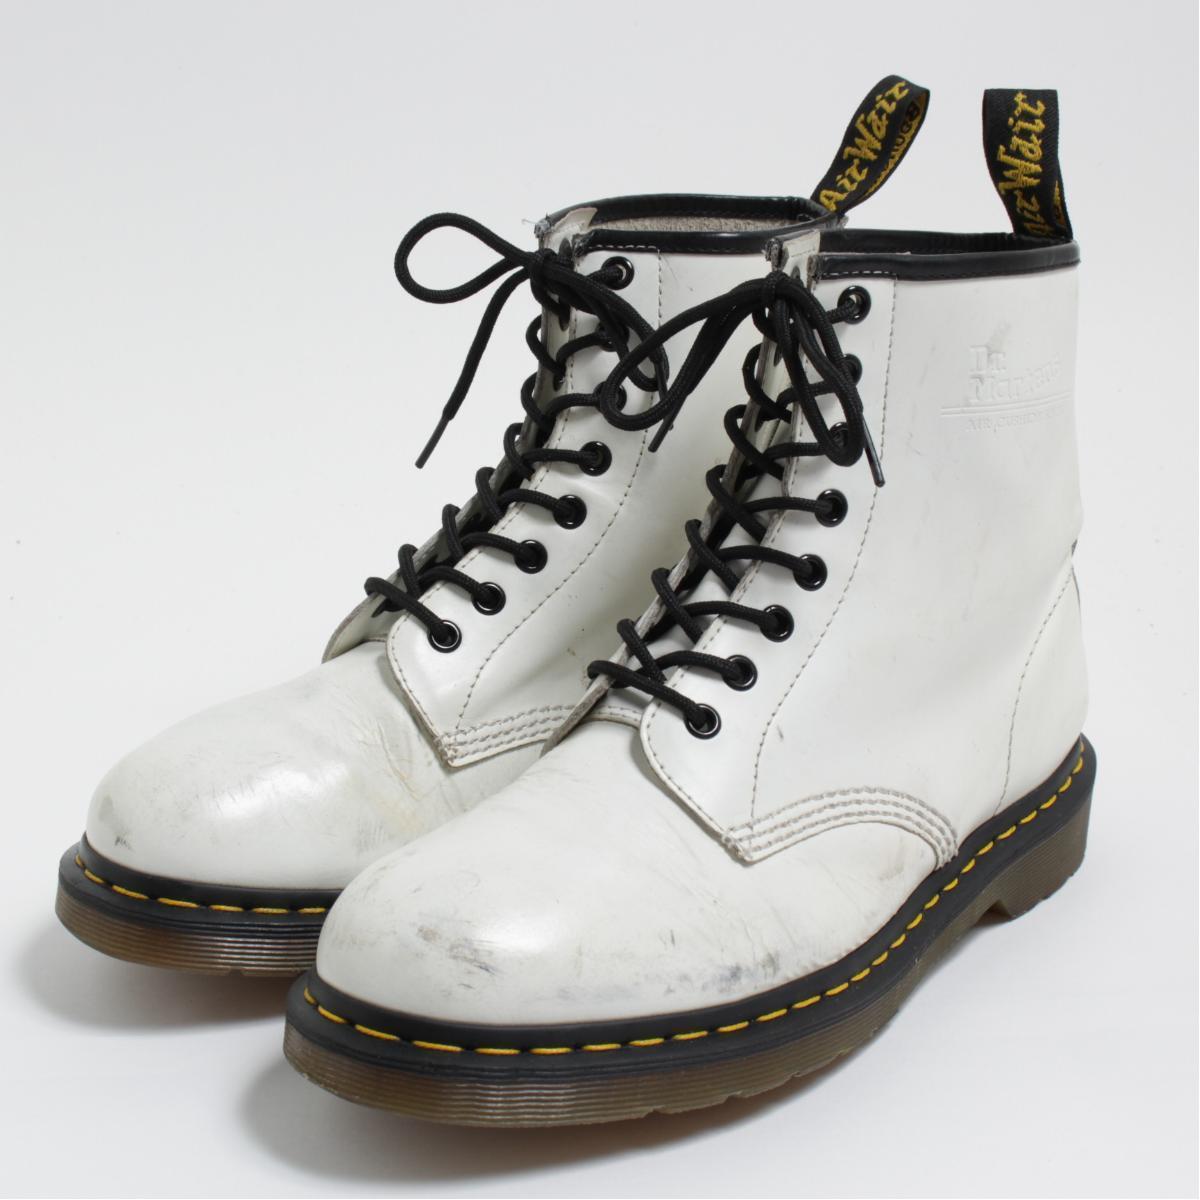 ドクターマーチン Dr.Martens 8ホールブーツ UK8 メンズ26.5cm /bol9103 【中古】 【180122】